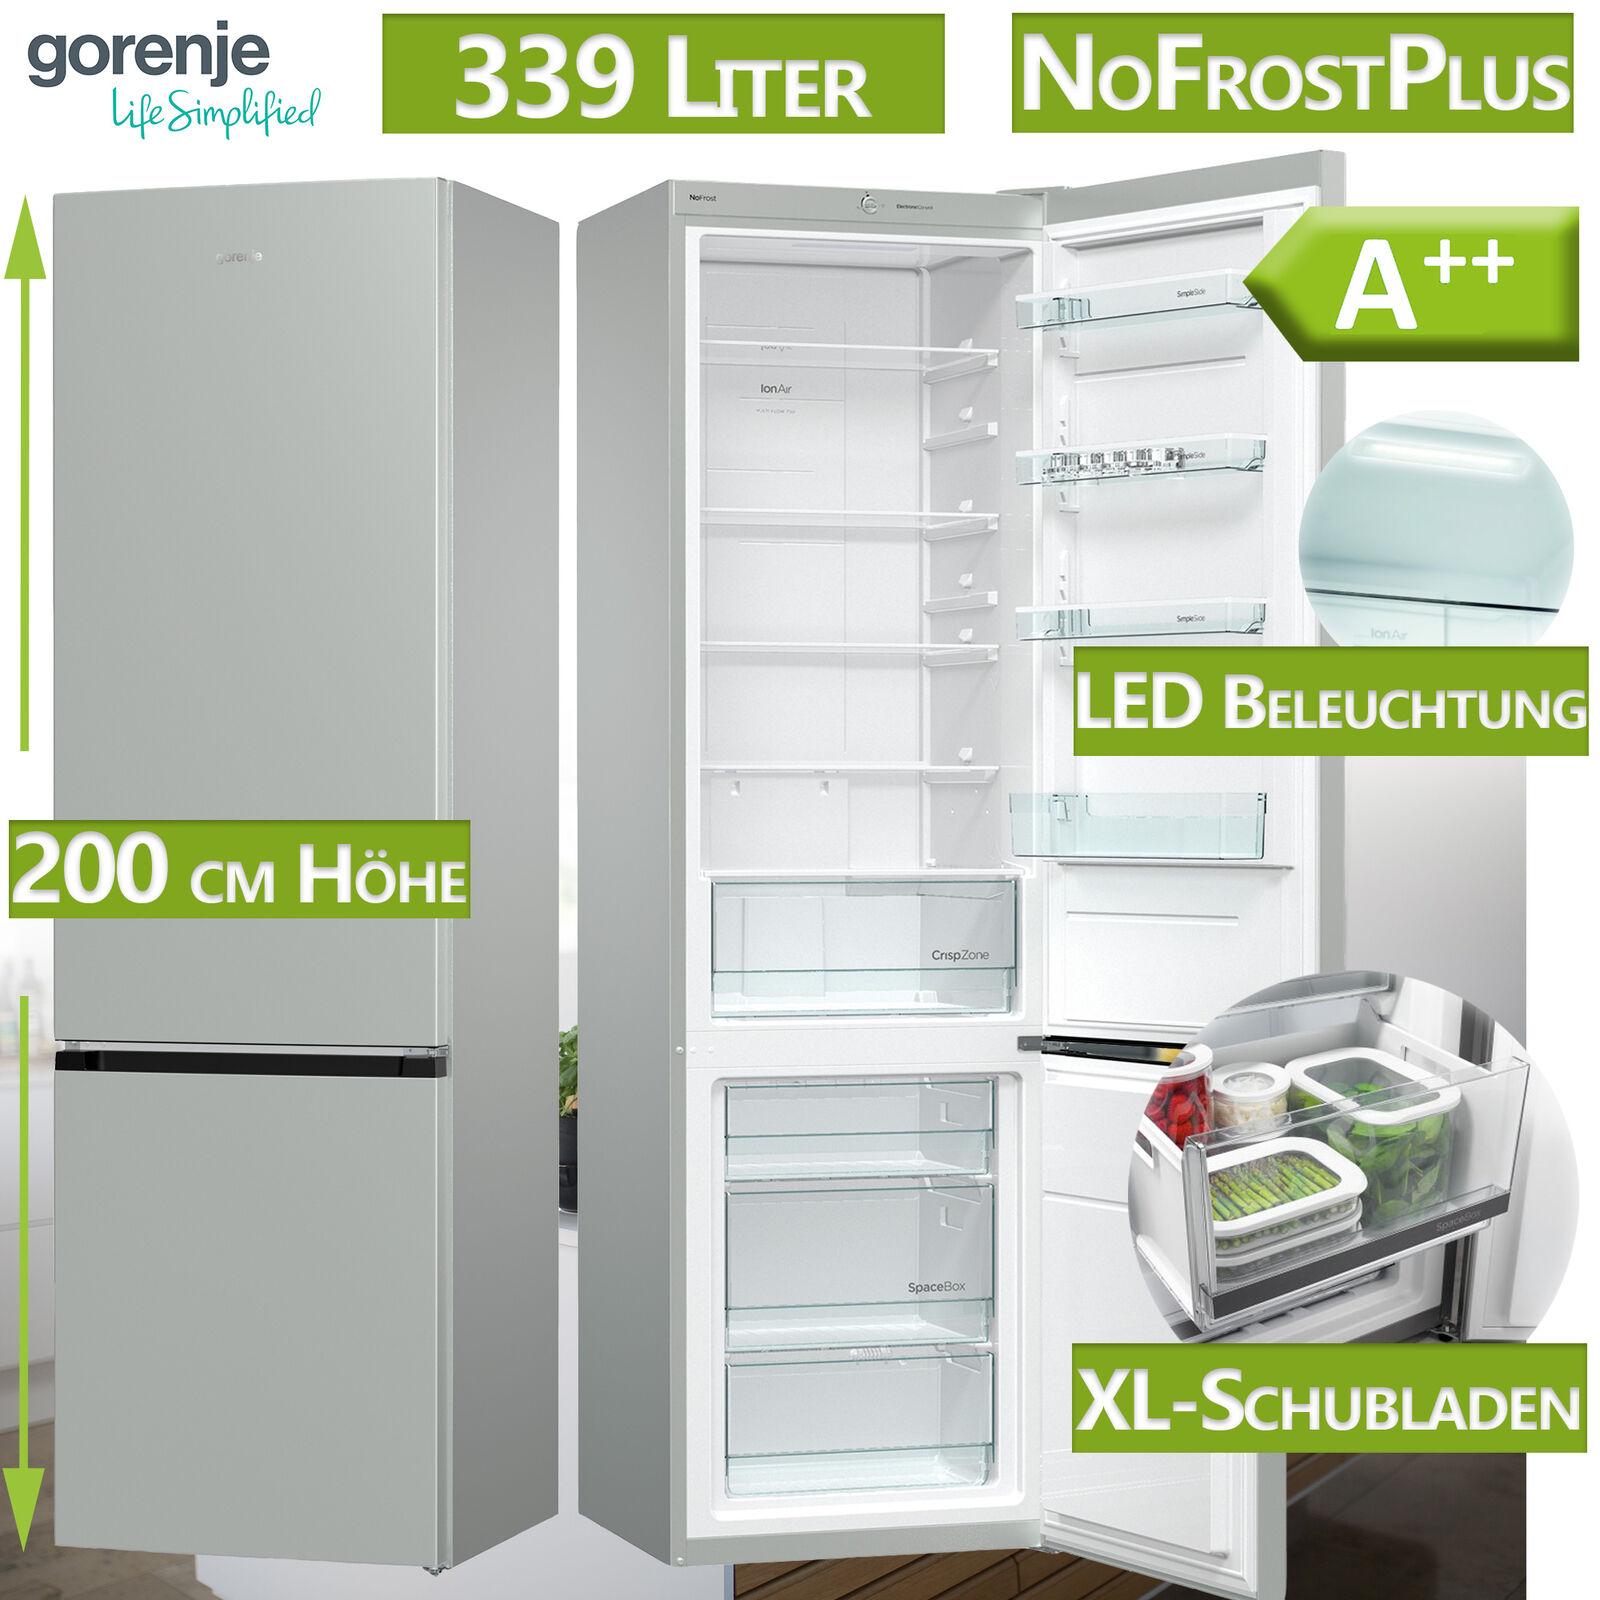 A++ Kühl Gefrierkombination Kühlschrank NoFrost graumetallic freistehend Gorenje